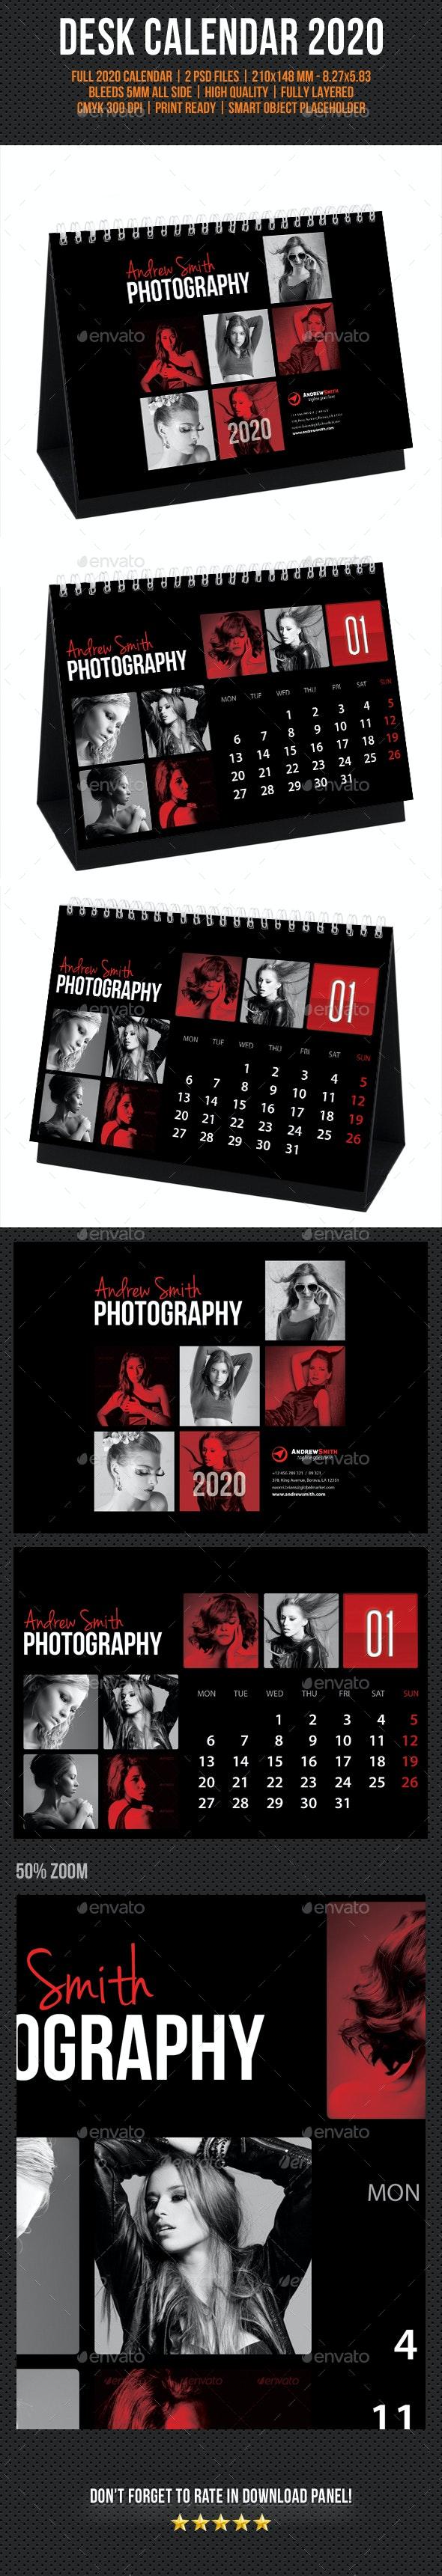 Creative Desk Calendar 2020 V15 - Calendars Stationery